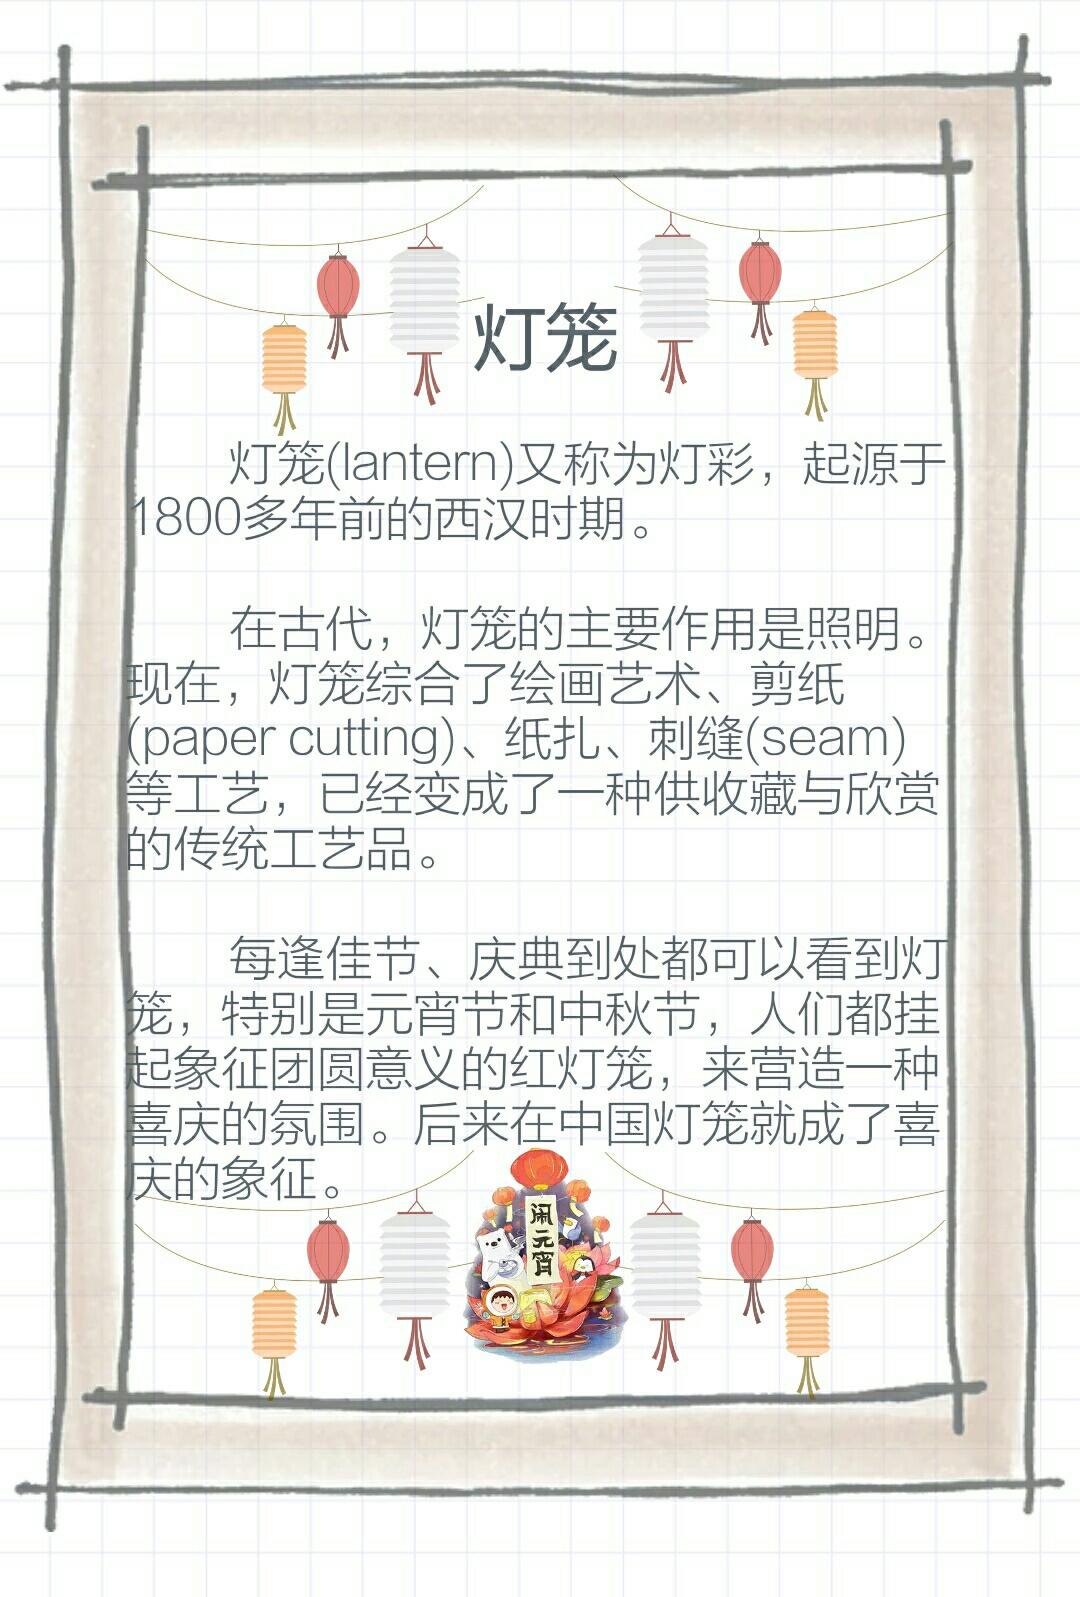 四六級翻譯常考話題中國文化之燈籠